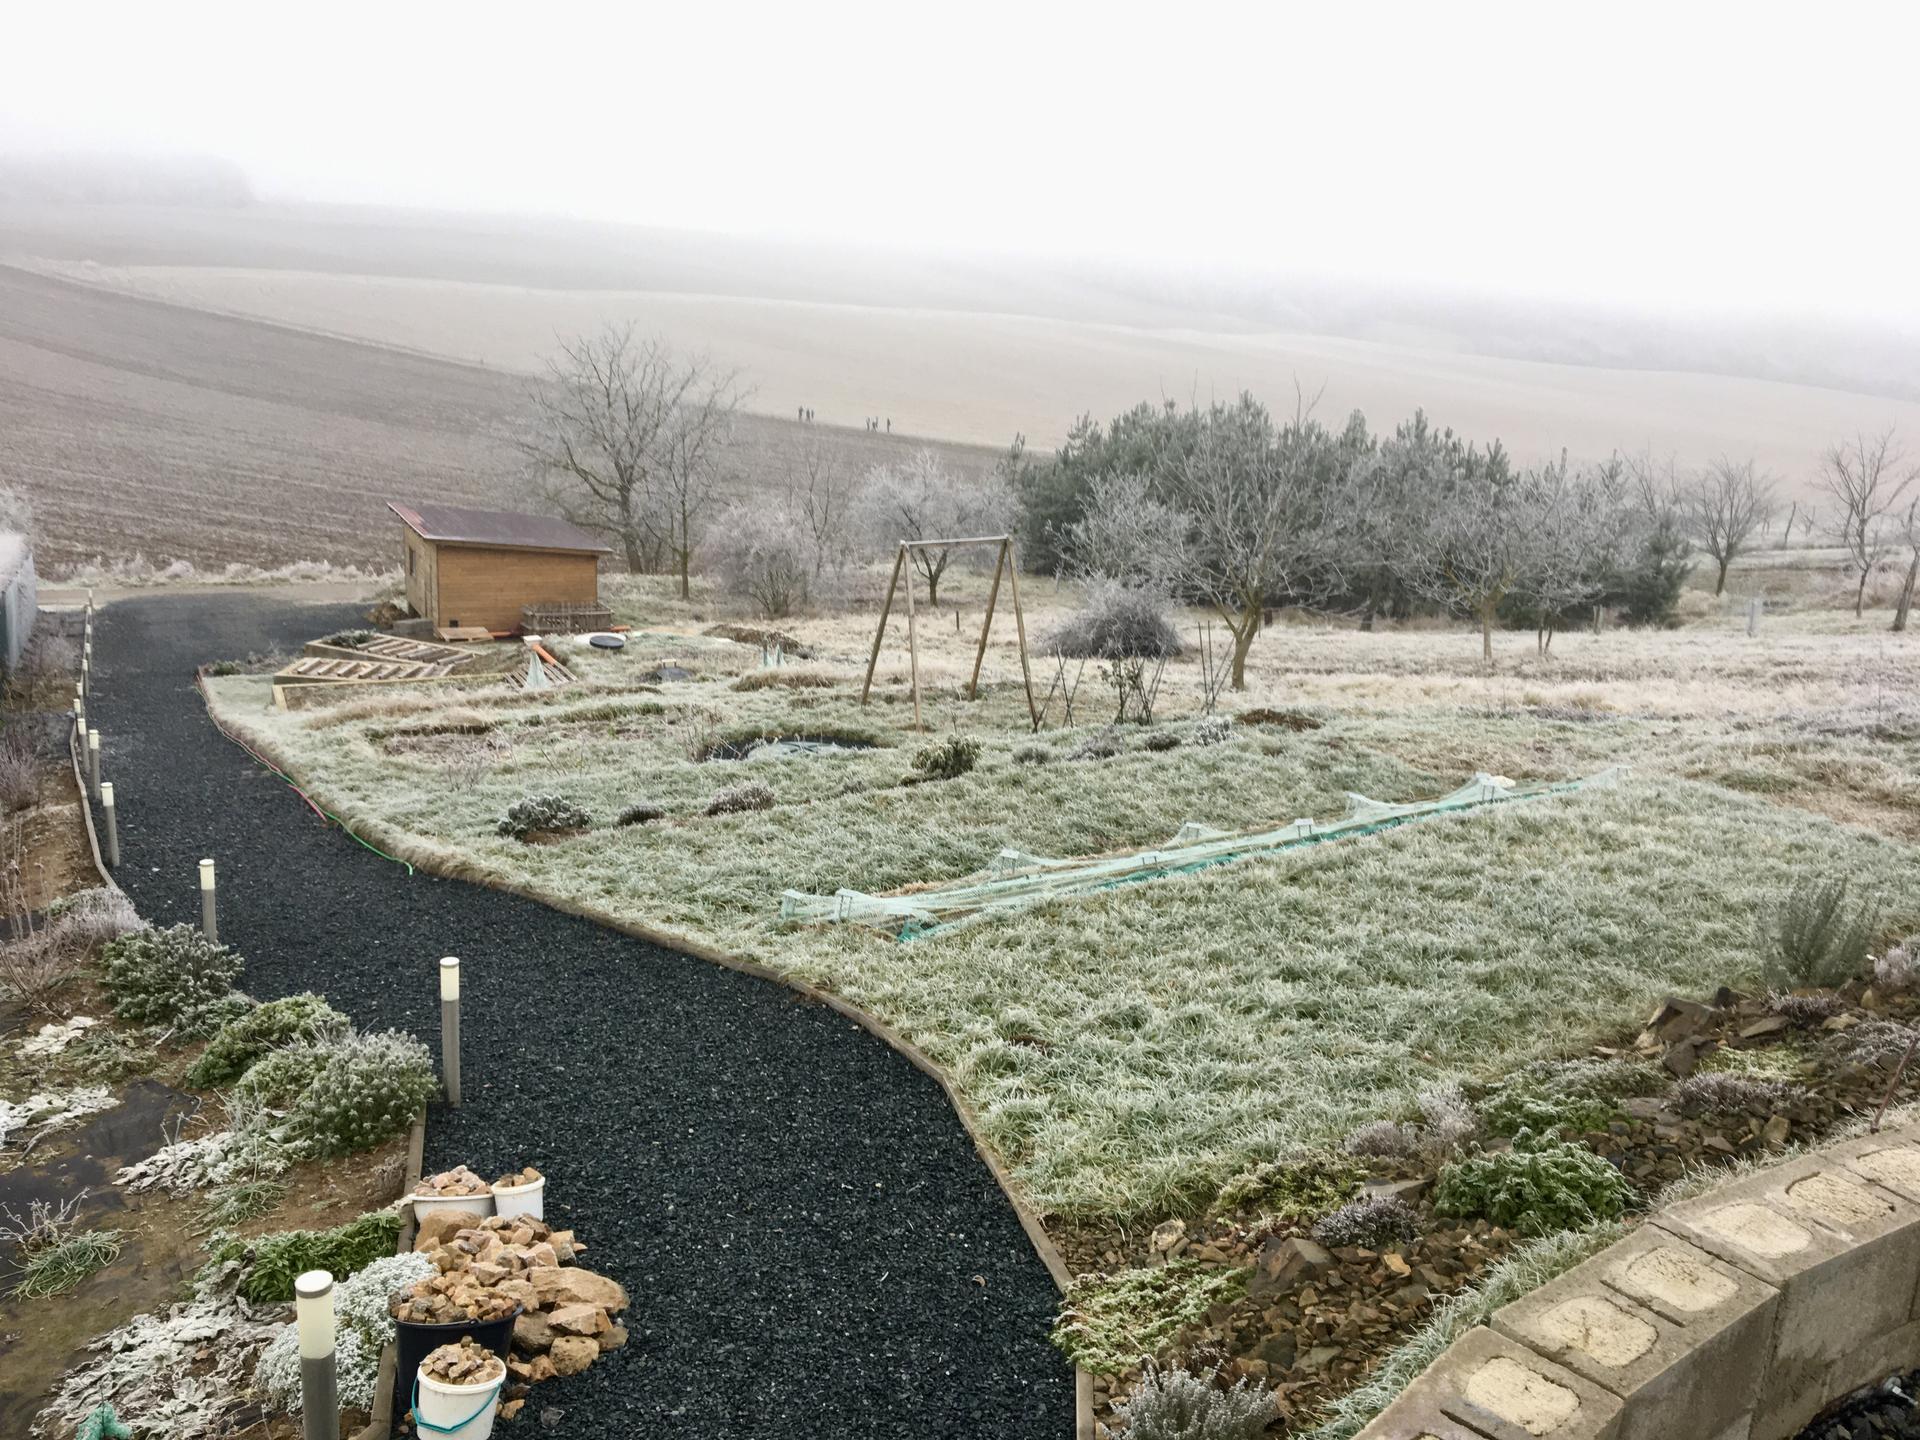 Skřítčí zahrada 2021 - Leden 2021 - pořádná jinovatka